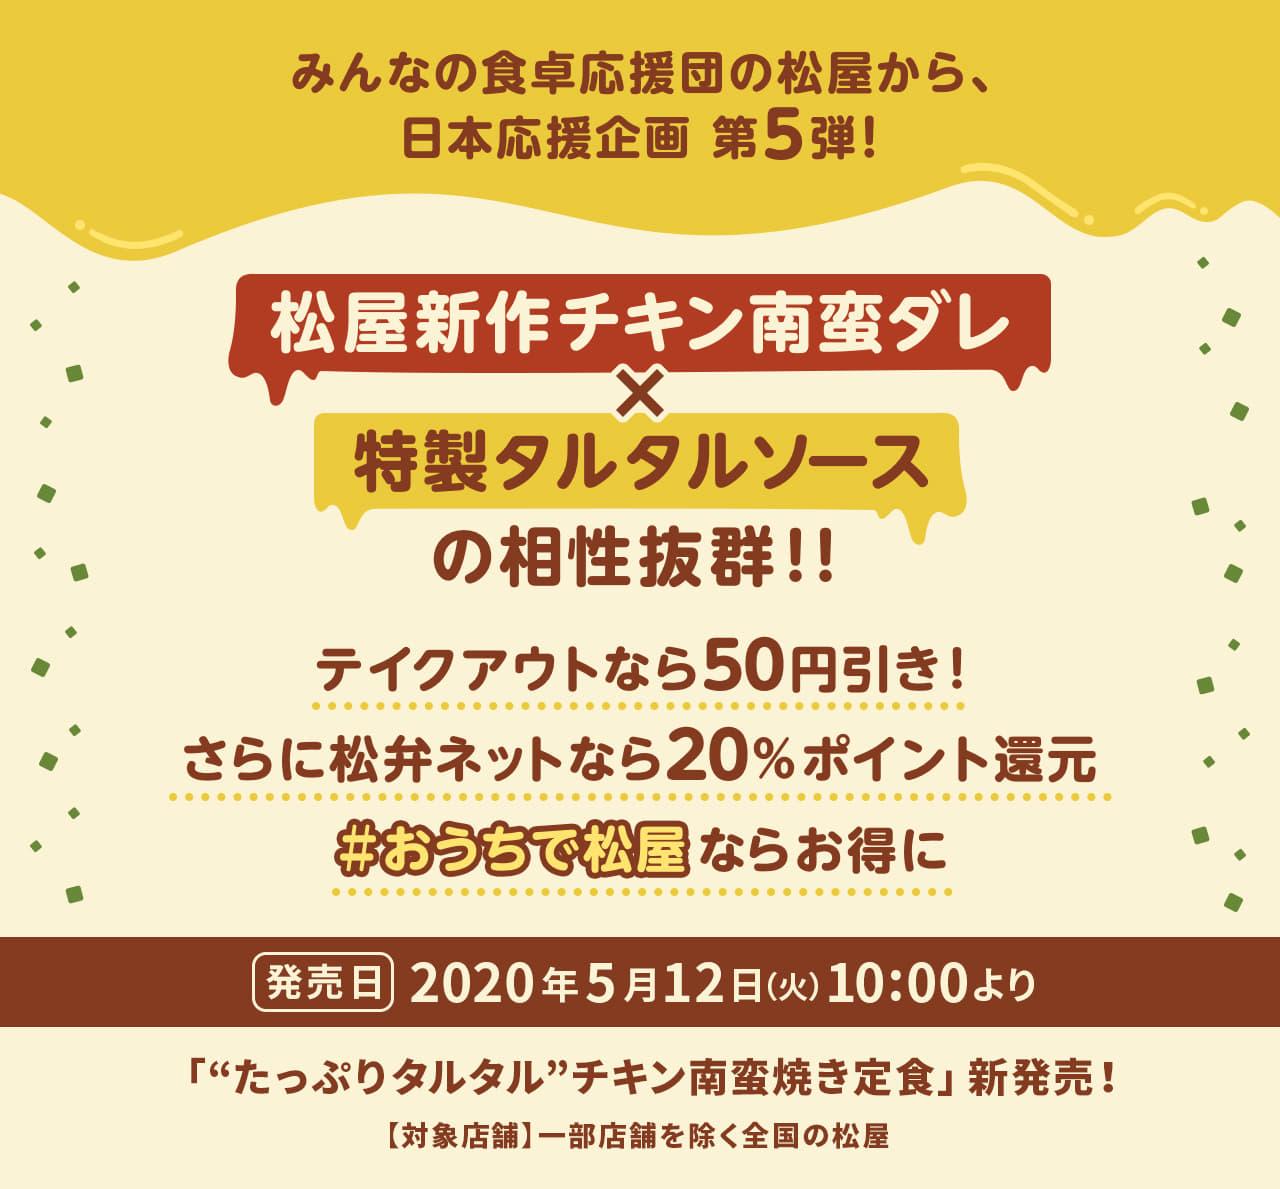 みんなの食卓応援団の松屋から、 日本応援企画 第5弾!松屋の新作チキン南蛮ダレ×特製タルタルソースの相性抜群!テイクアウトなら50円引き!さらに松弁ネットなら20%ポイント還元 #おうちで松屋ならお得に2020年5月12日(火)10 :00より新発売です。